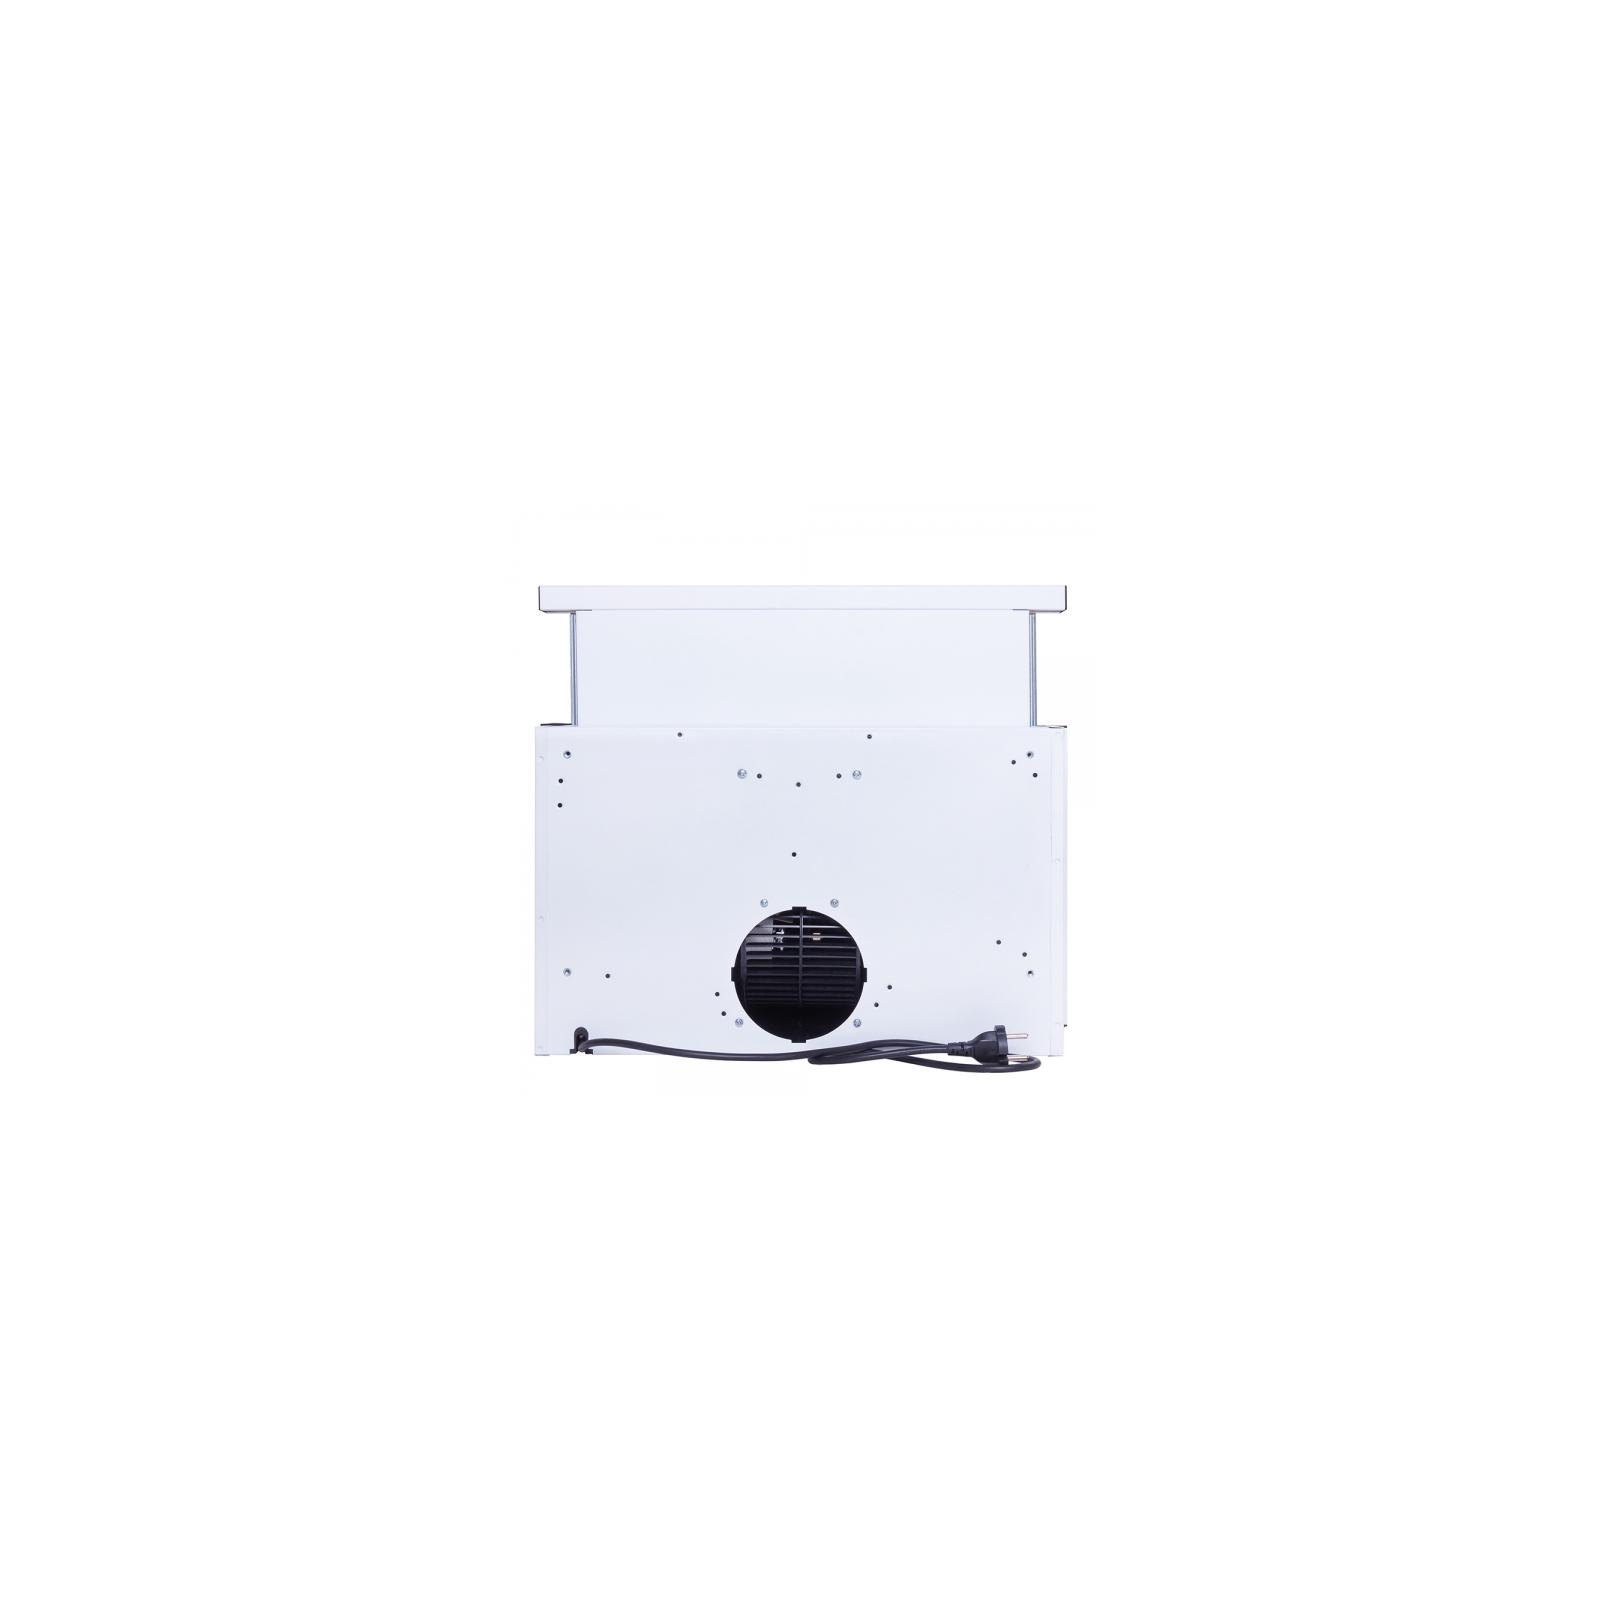 Вытяжка кухонная Perfelli TL 5212 C S/I 650 LED изображение 7